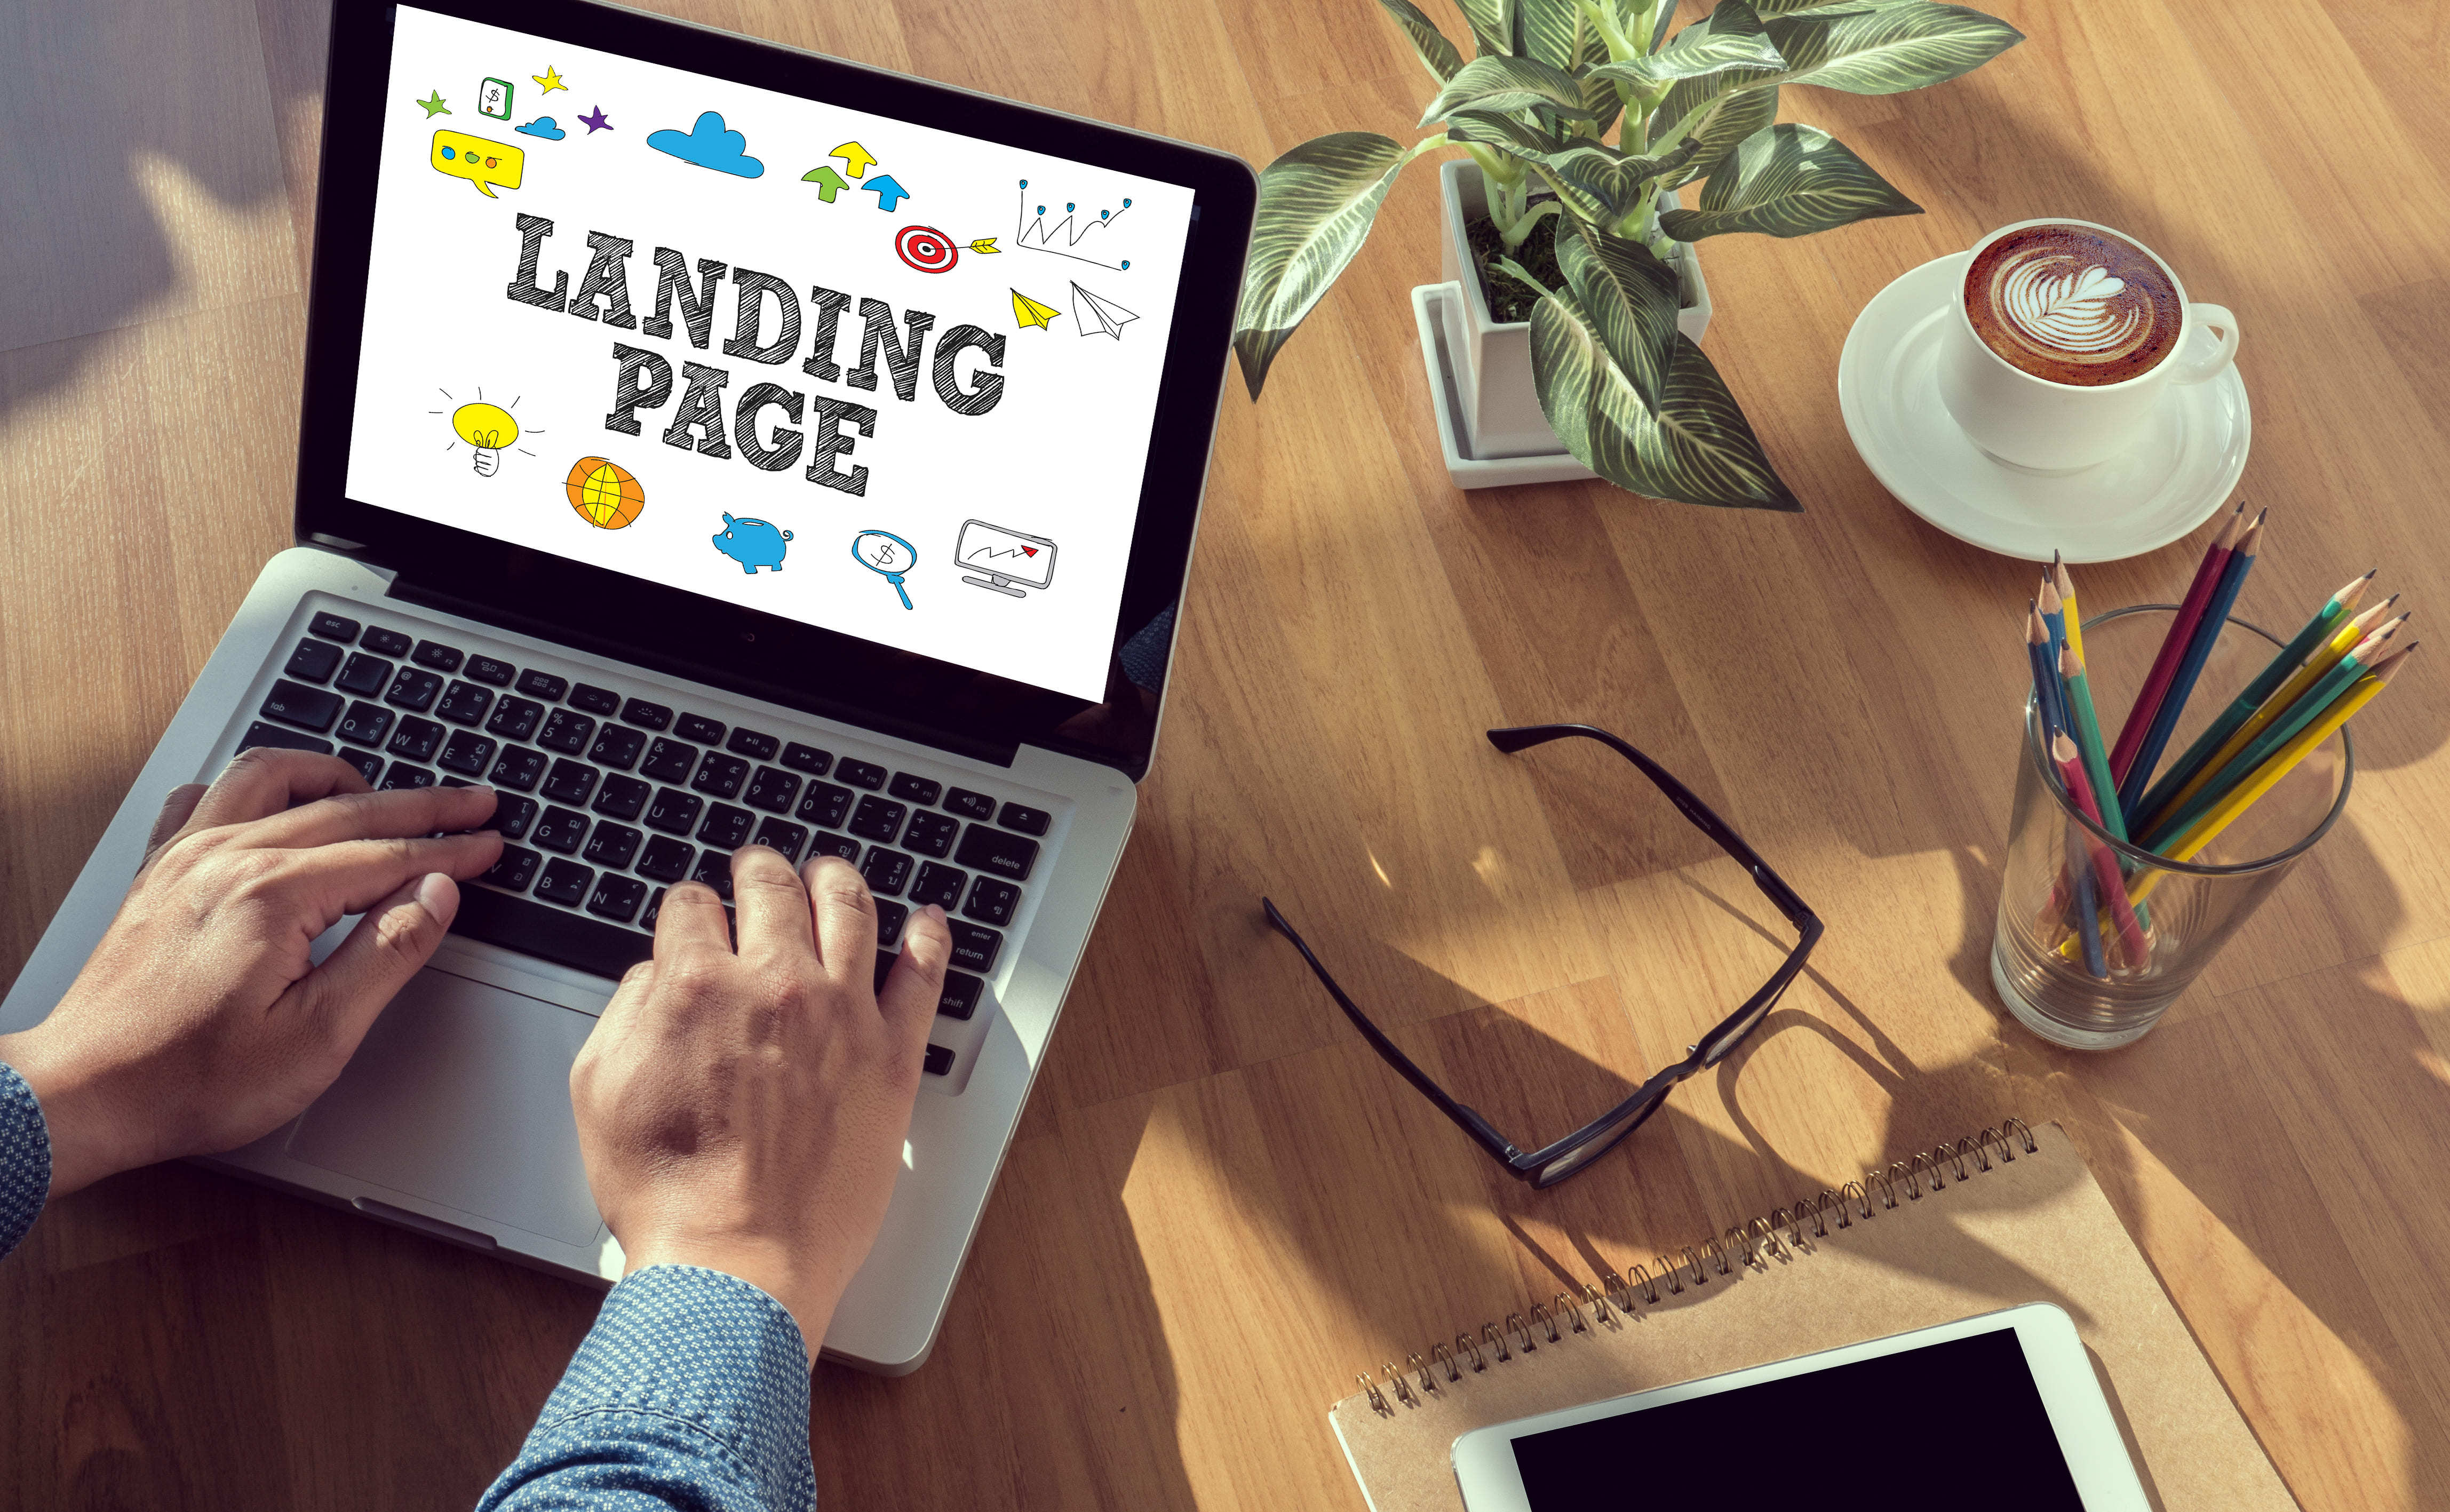 Imagem de um computador com a palavra página de conversão page para remeter a landing page na estratégia de marketing da sua empresa